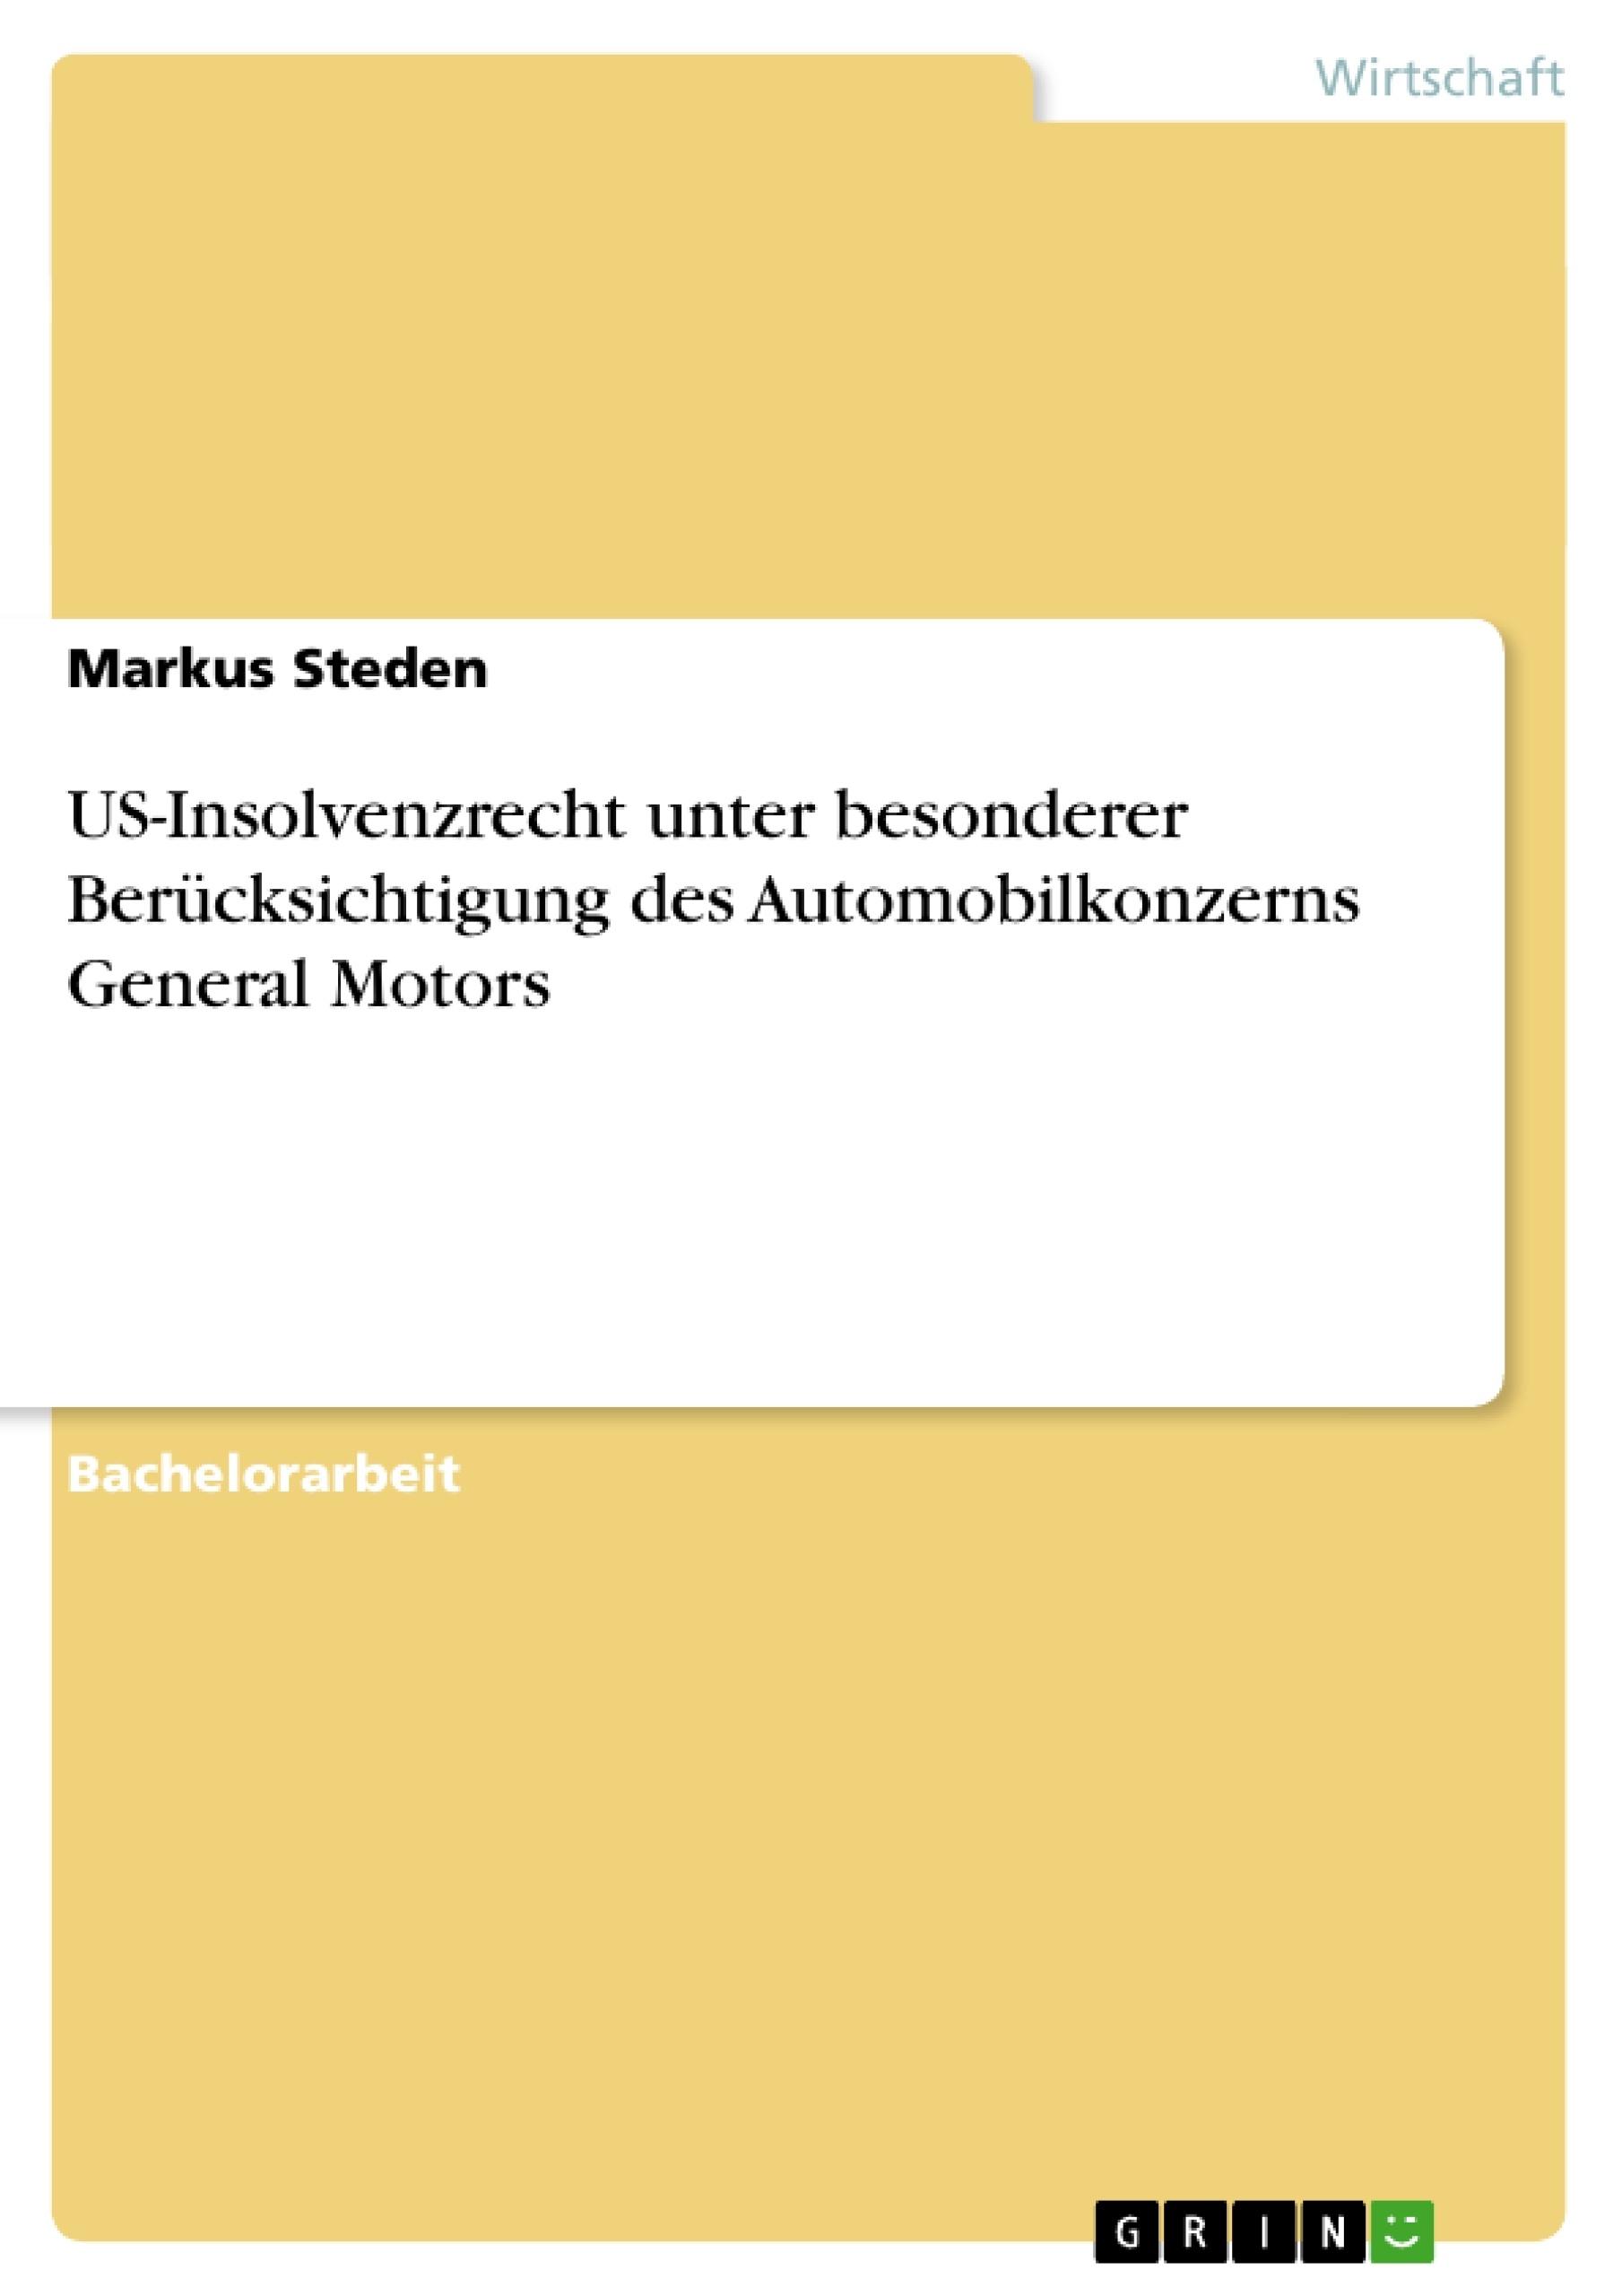 Titel: US-Insolvenzrecht unter besonderer Berücksichtigung des Automobilkonzerns General Motors